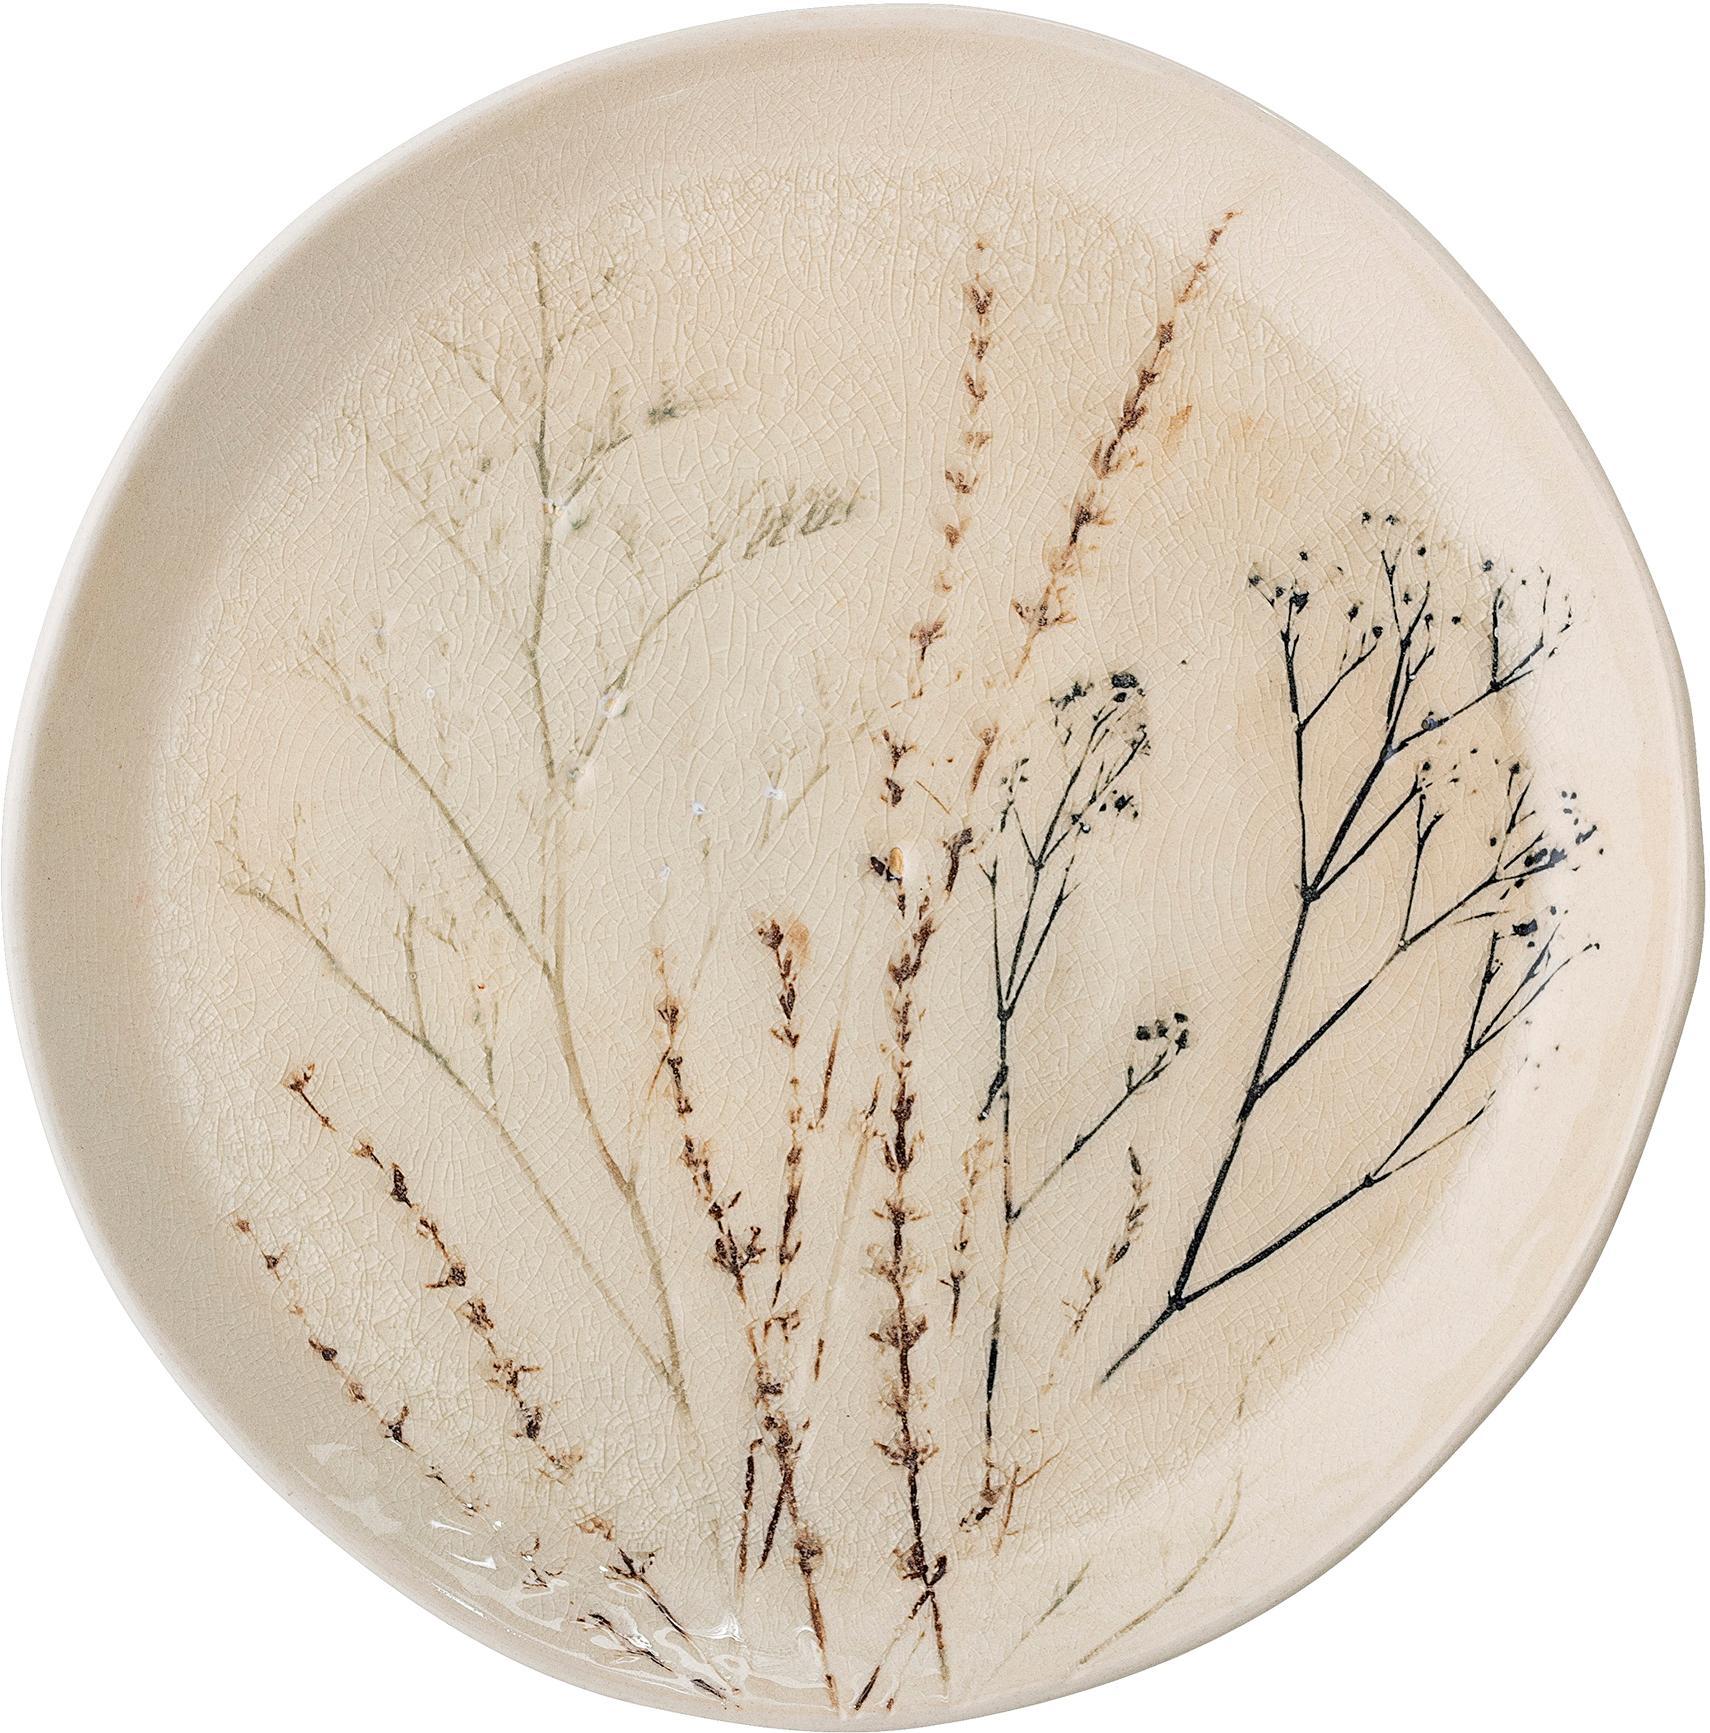 Piatto da portata fatto a mano Bea, Terracotta, Beige, multicolore, Ø 28 x Alt. 4 cm